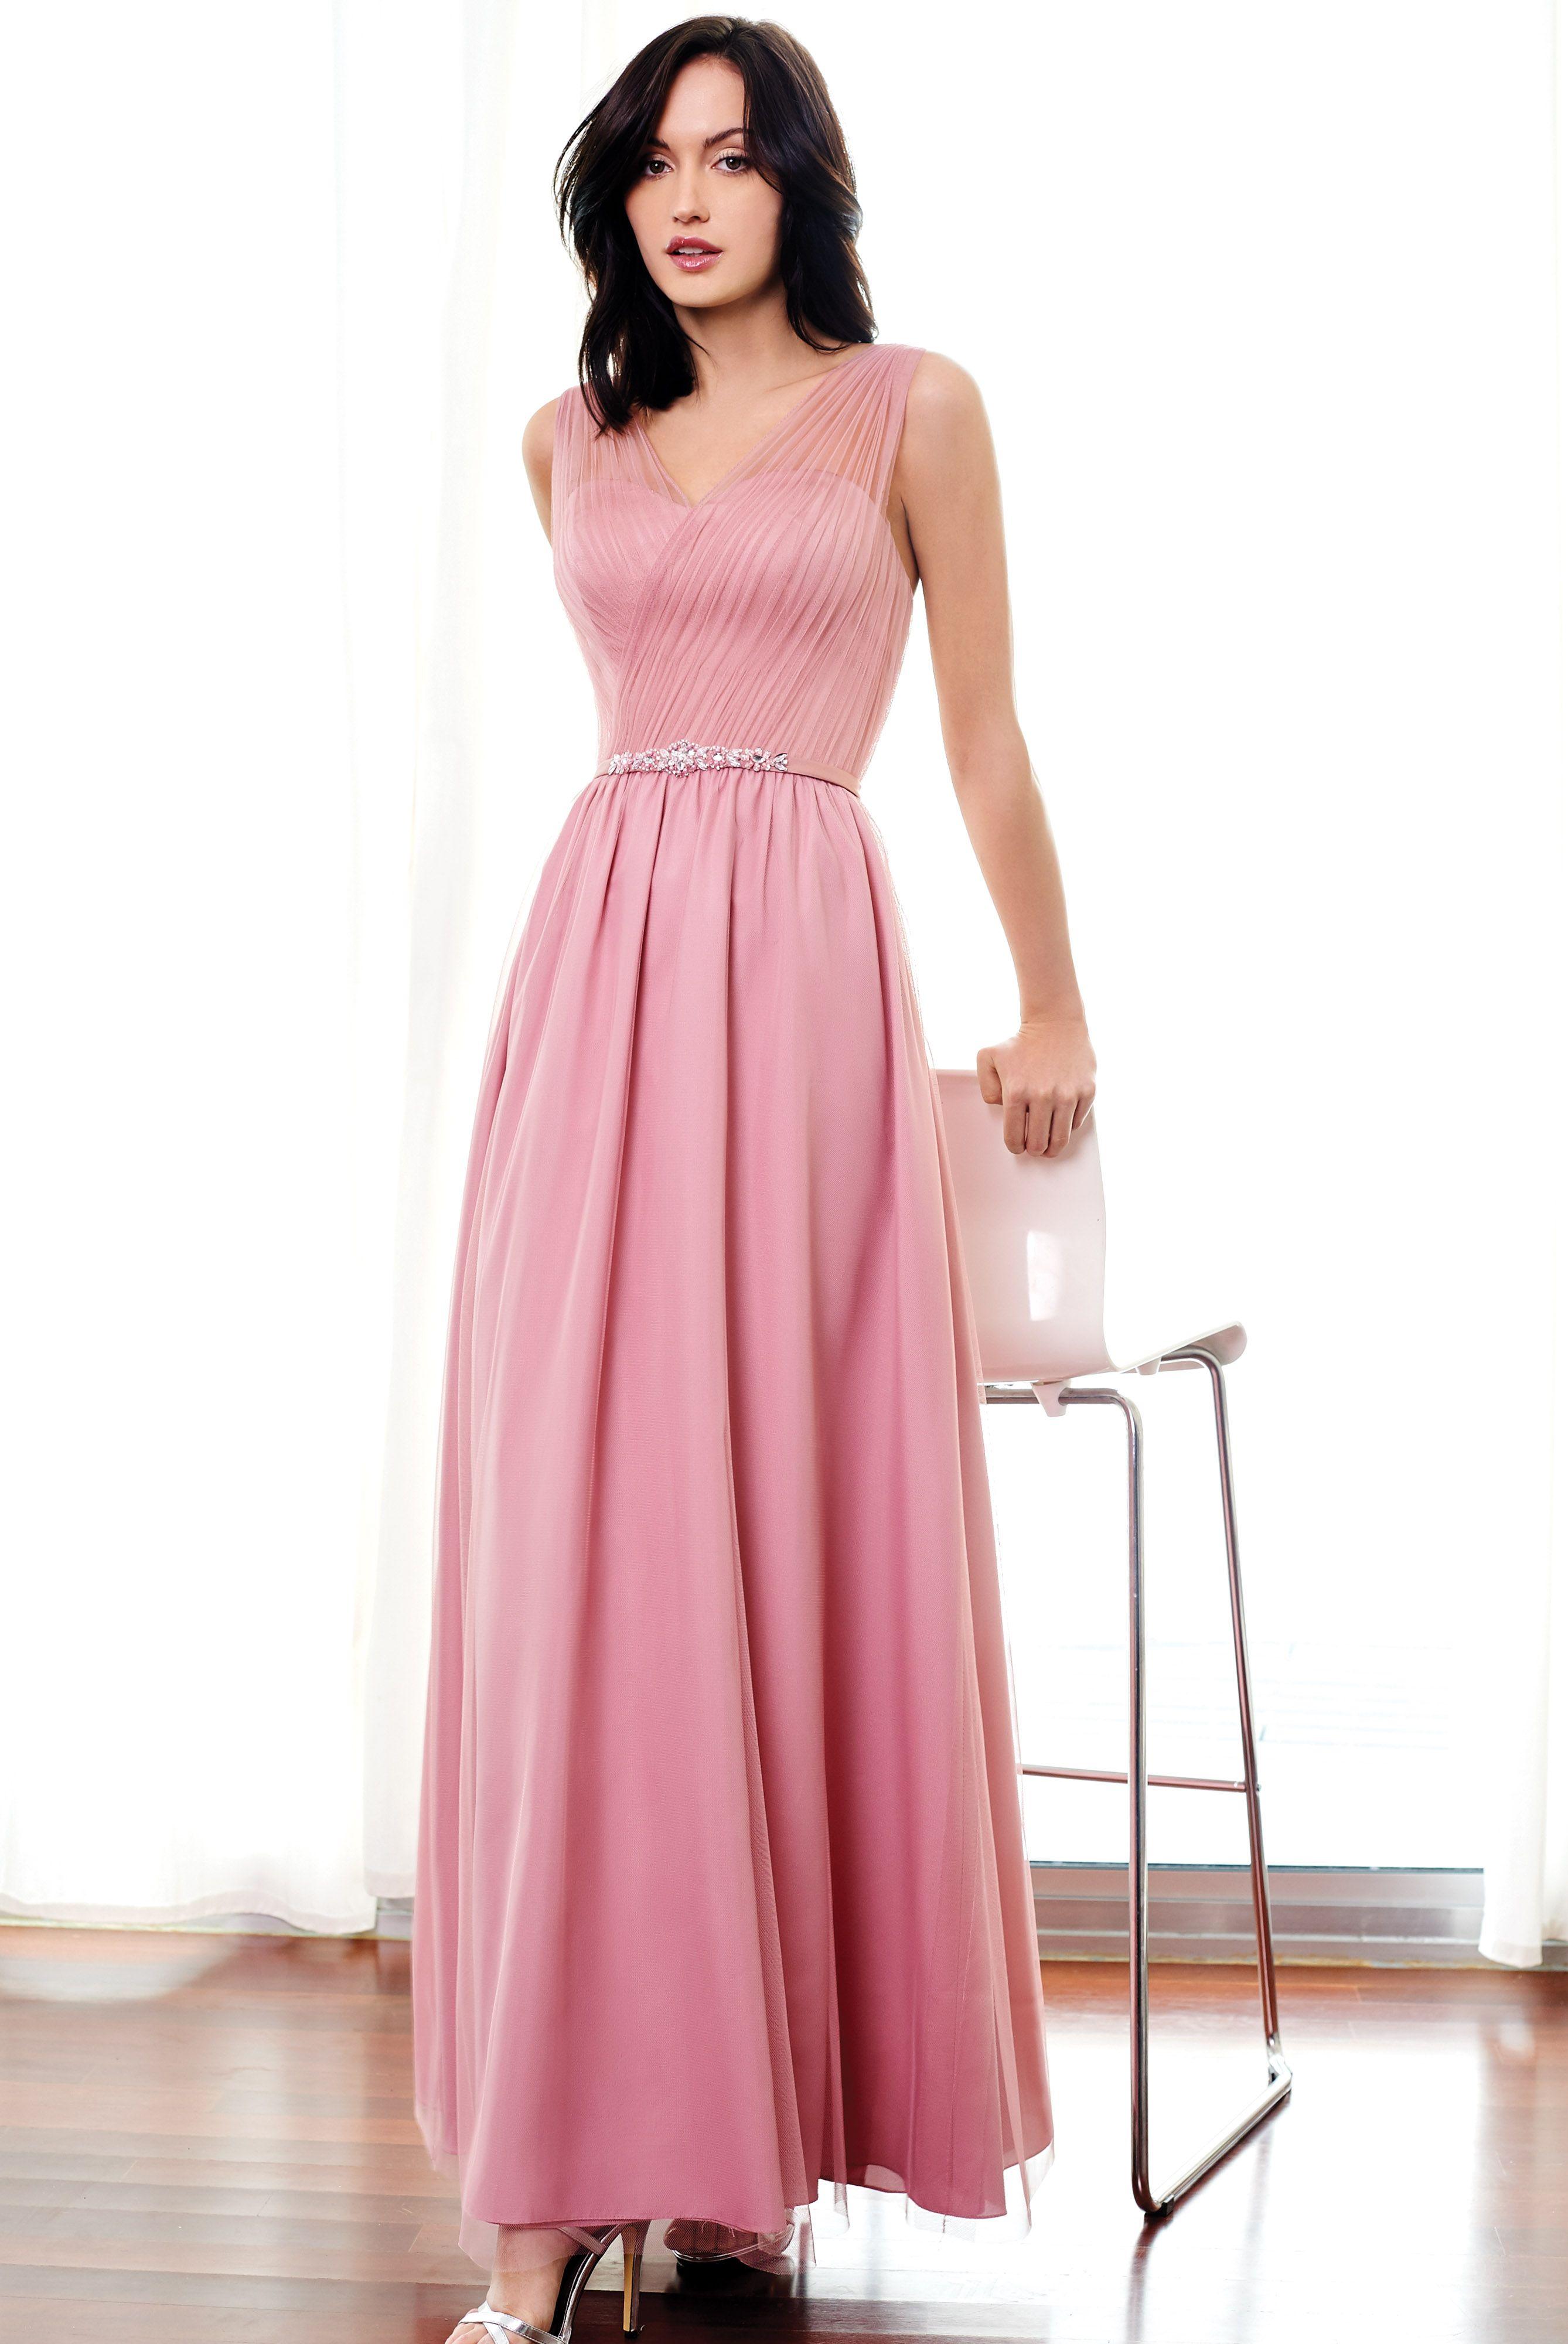 Encantador Tul Y Chantilly Vestidos De Dama Ilustración - Colección ...